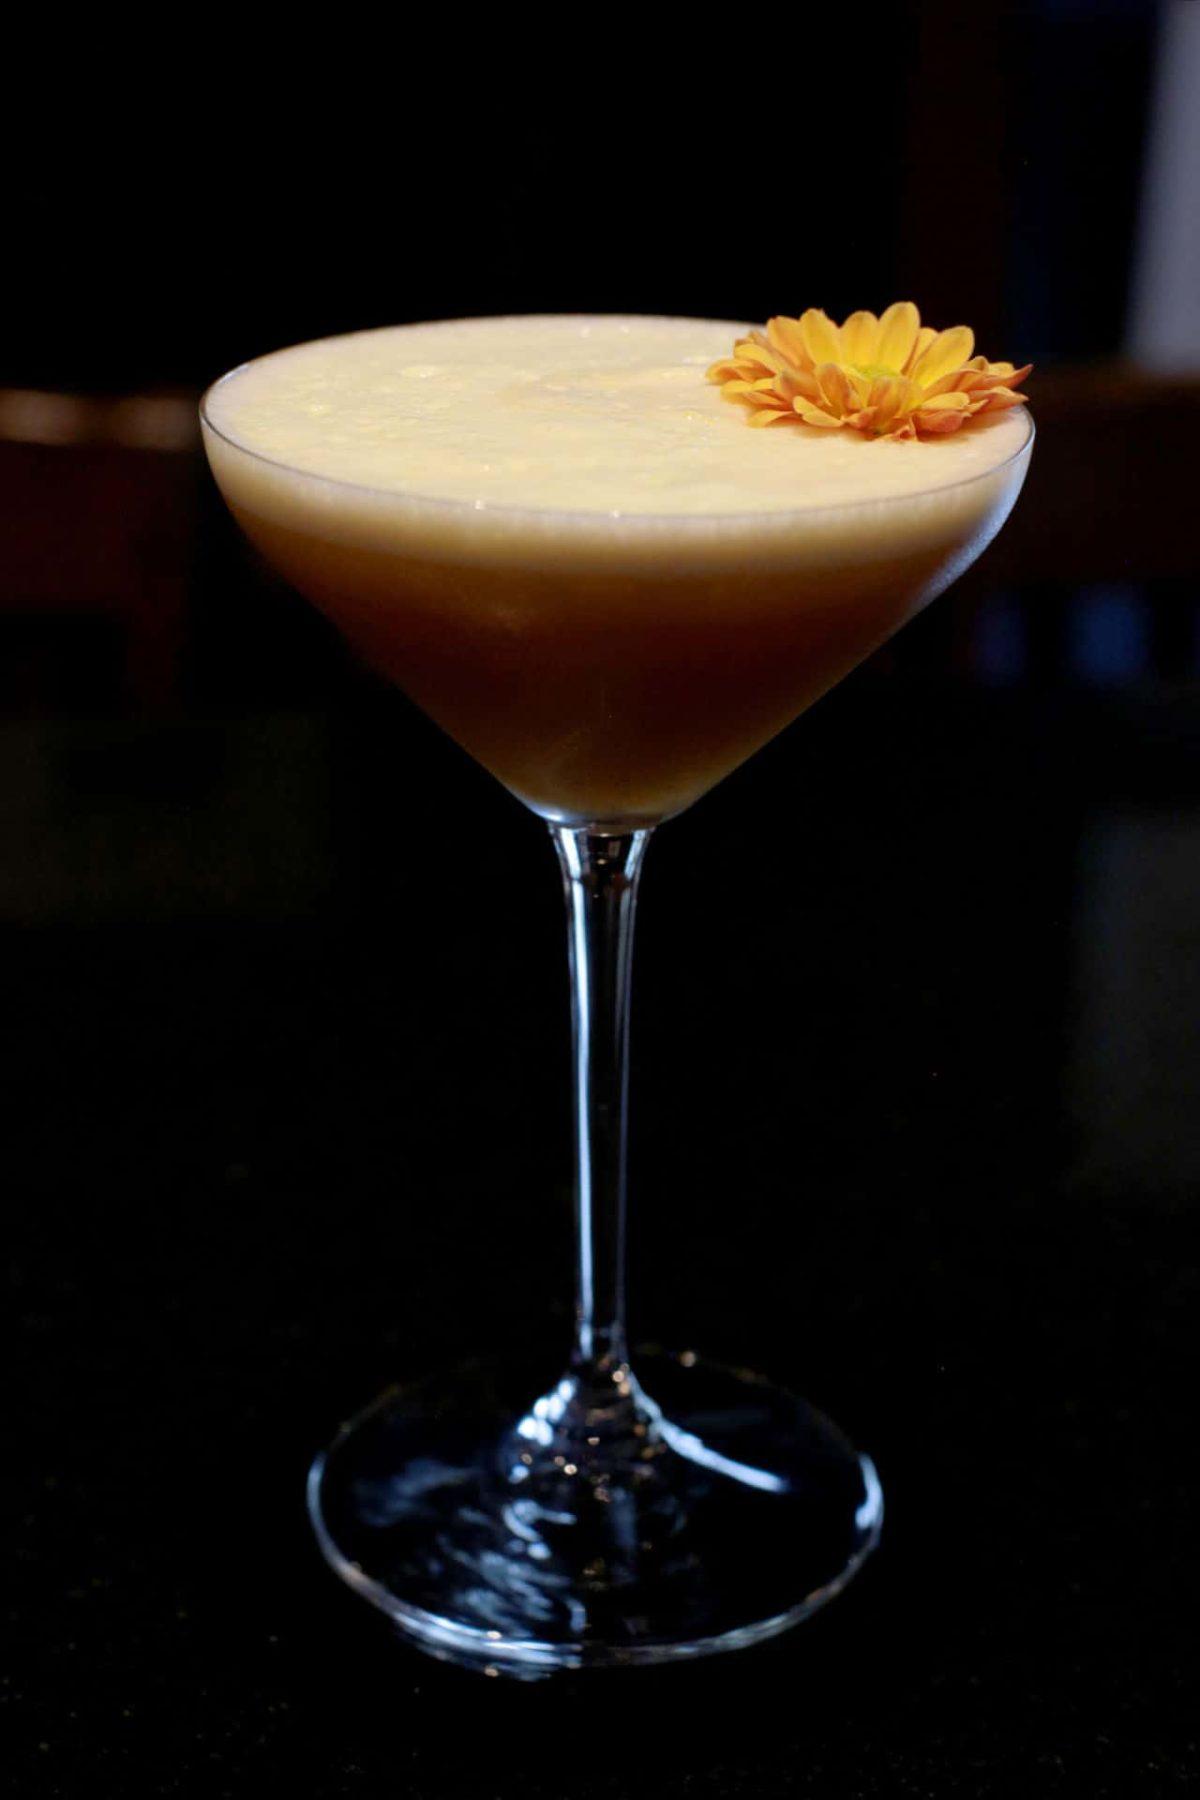 Alquimia cocktail